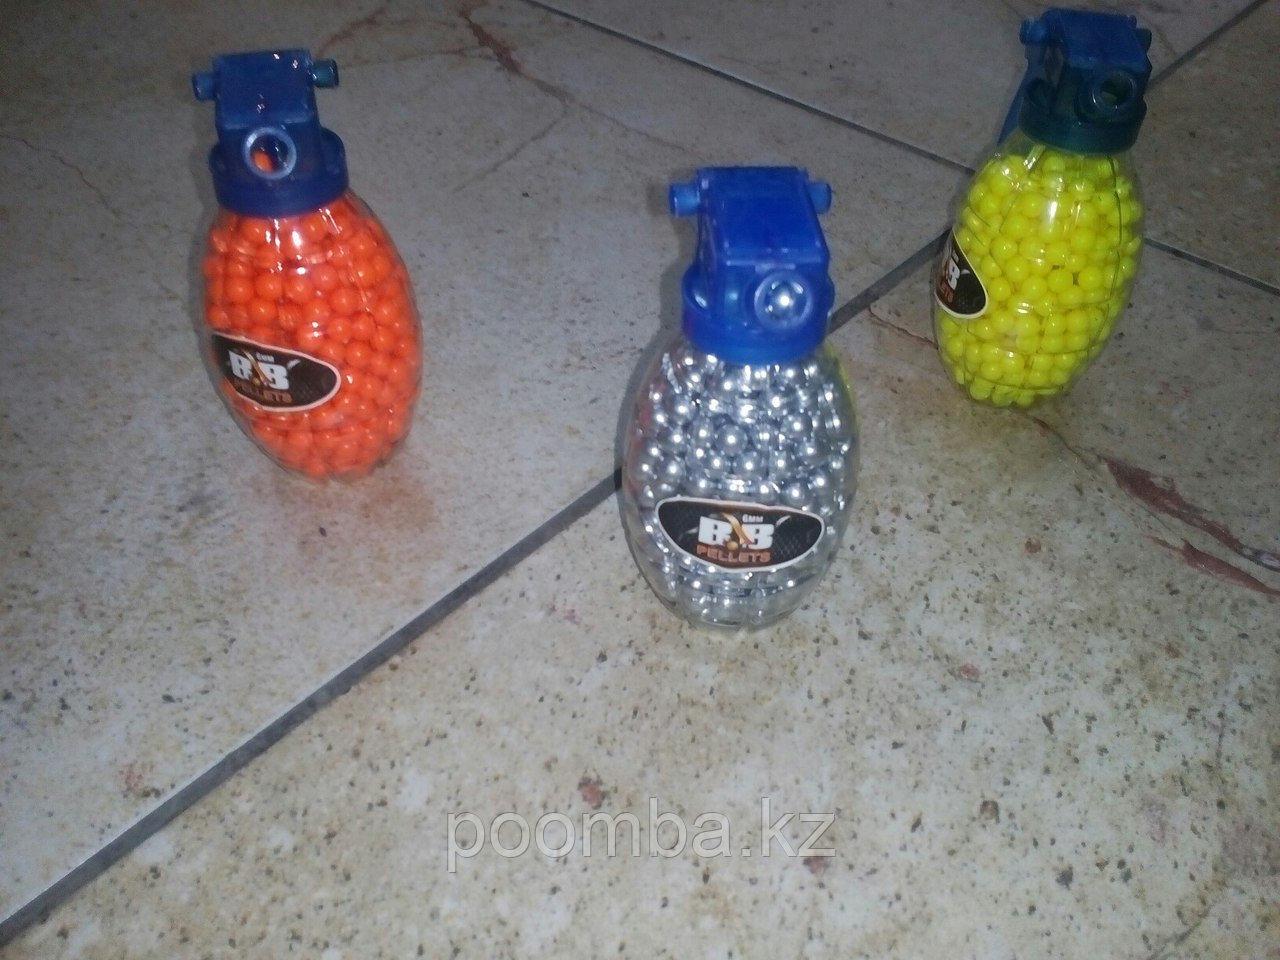 Пульки для детского оружия